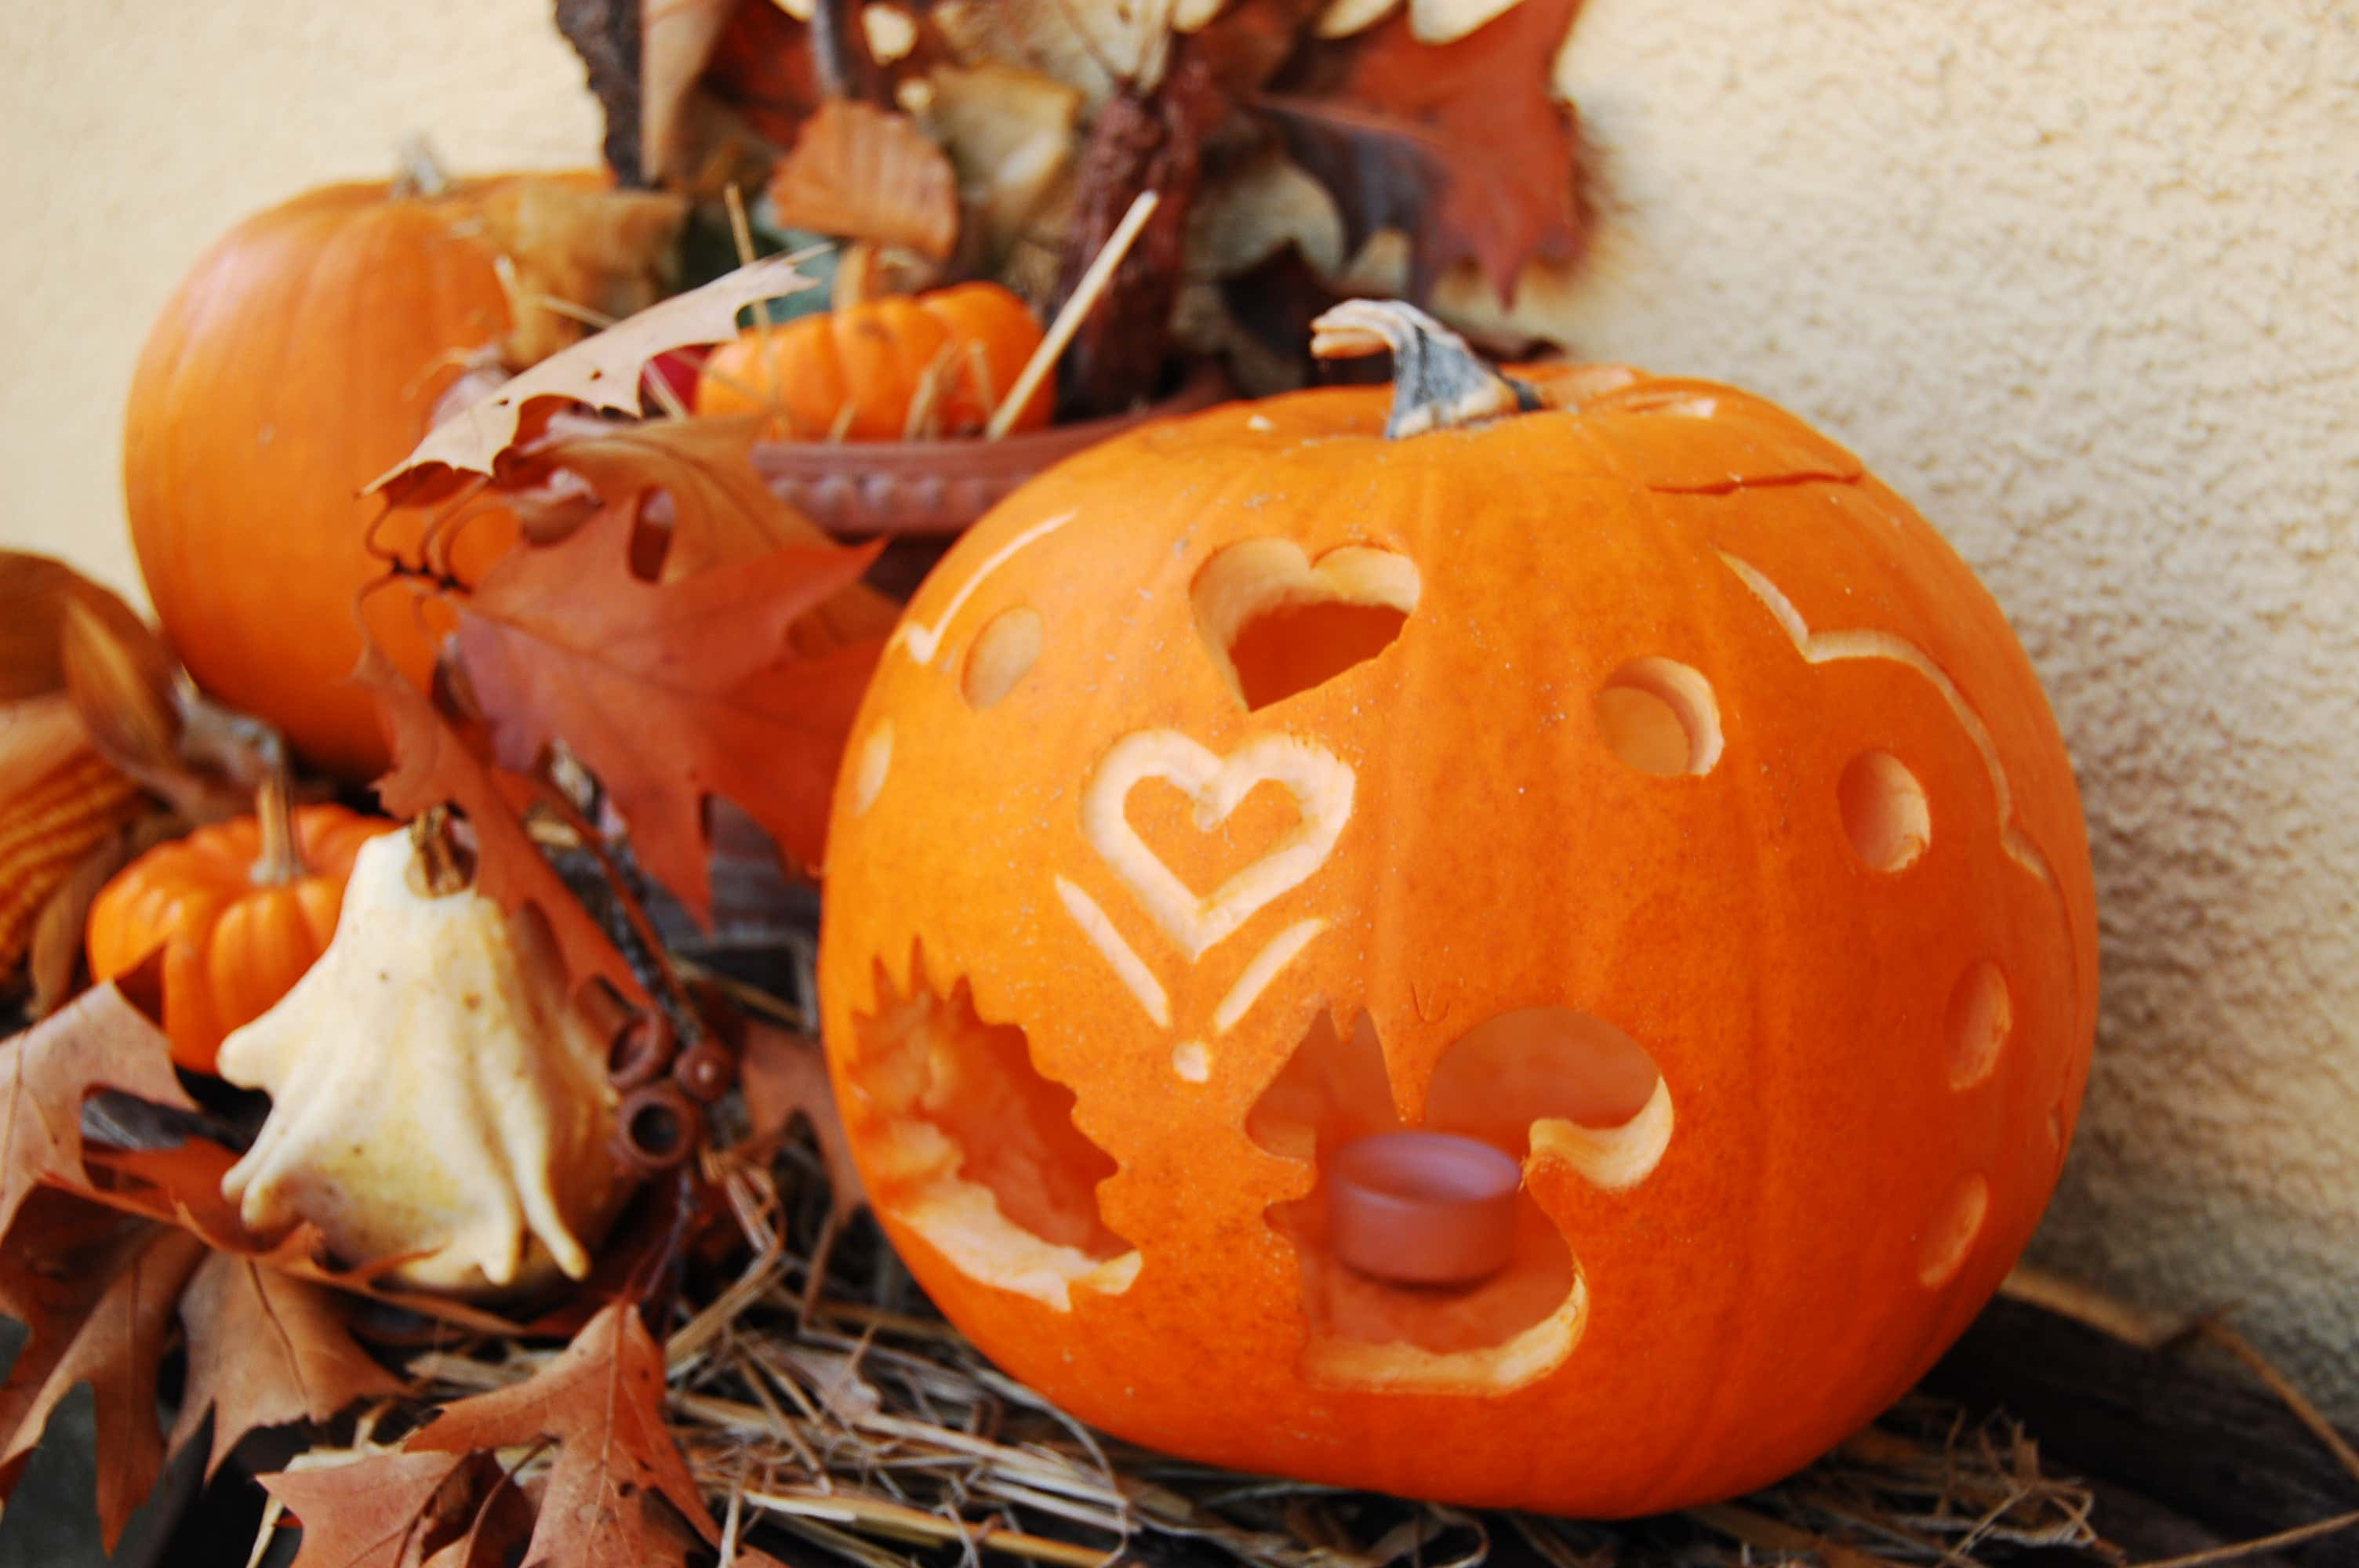 Gruselige Herbstdeko: Schaurige Inspirationen zu Halloween